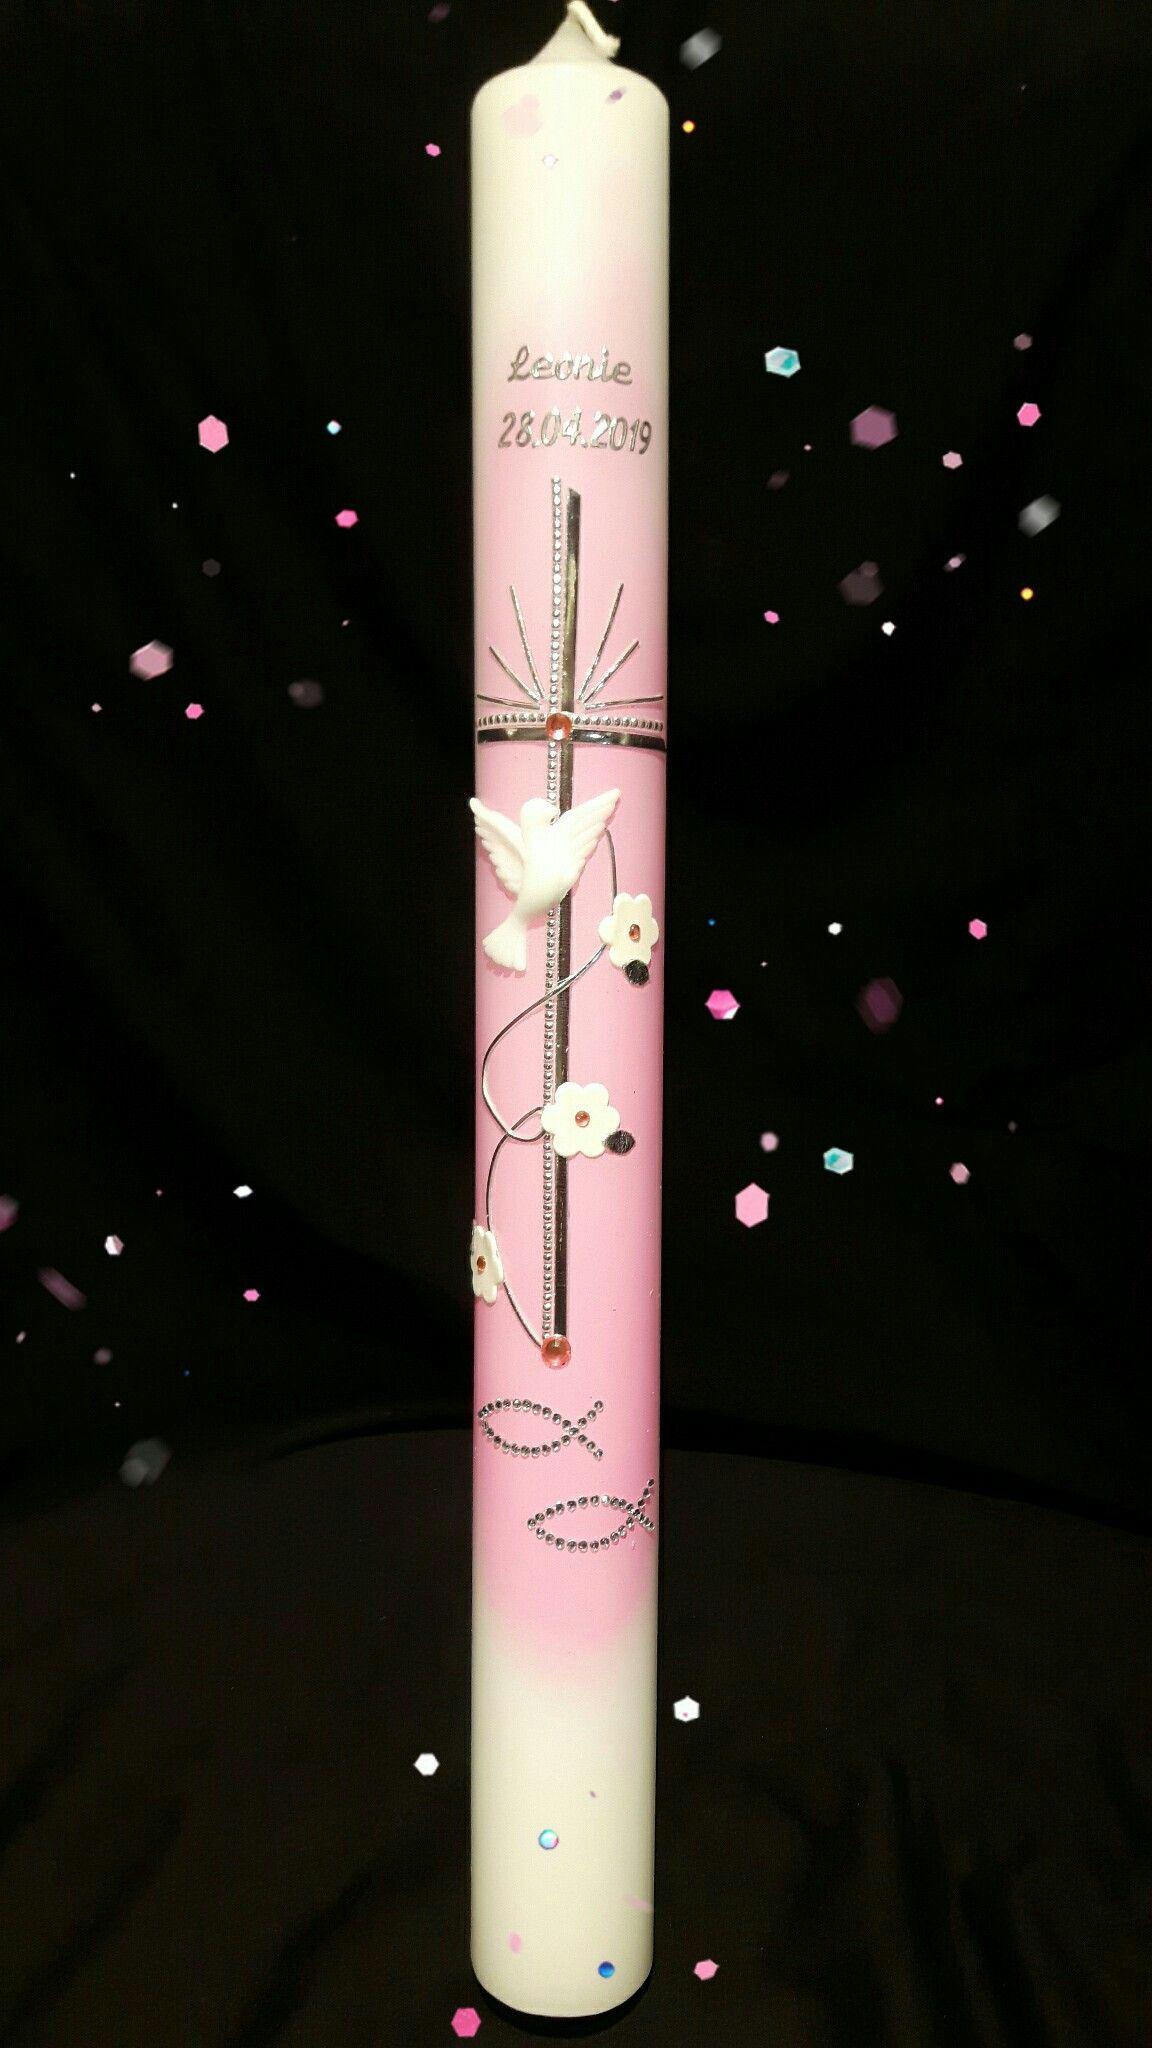 Pin Von Seifenfee Auf Kerzen Kommunionkerze Kerzen Und Kerzen